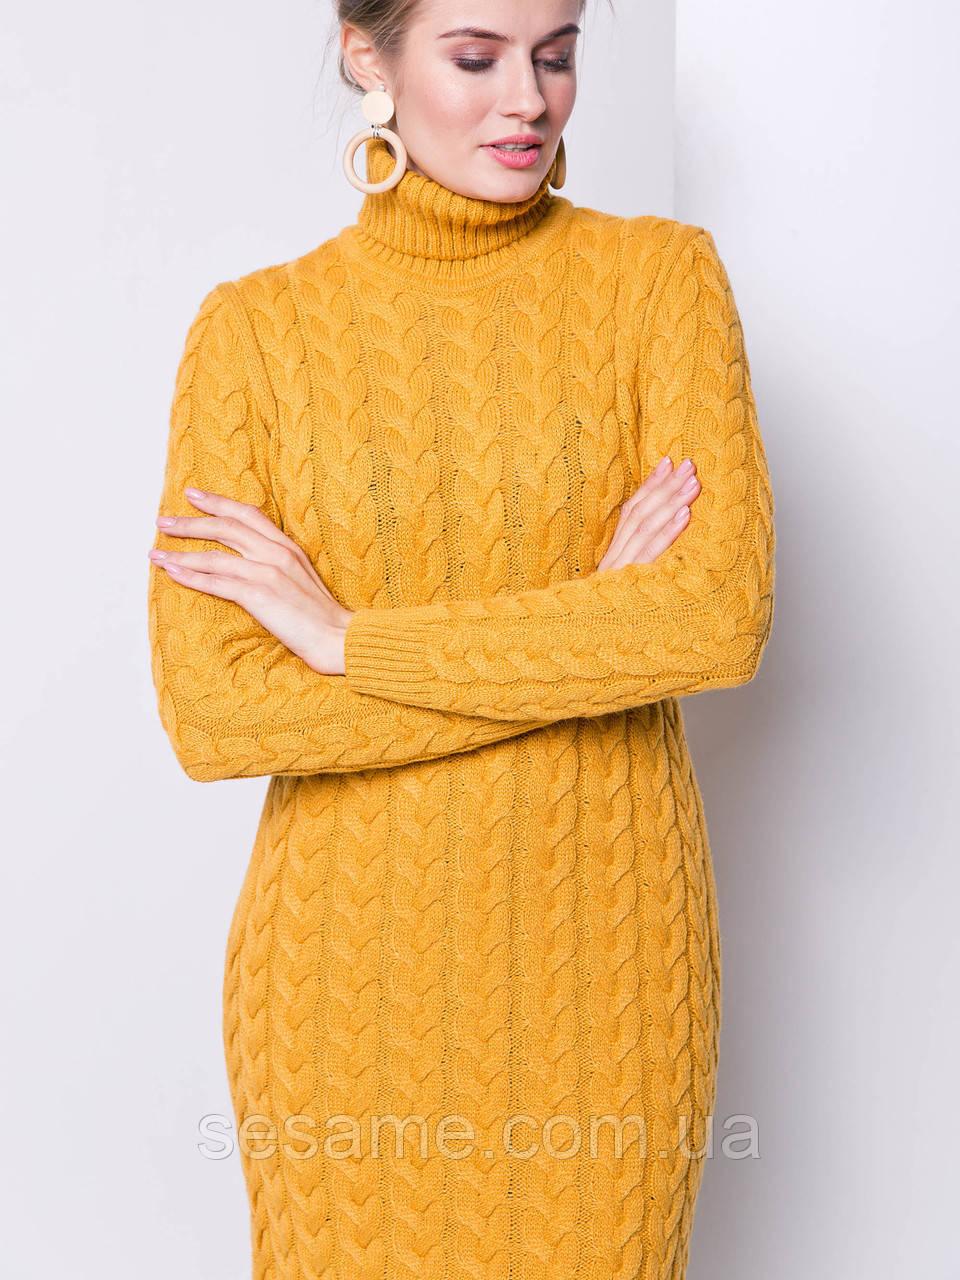 grand ua Кира платье - гольф